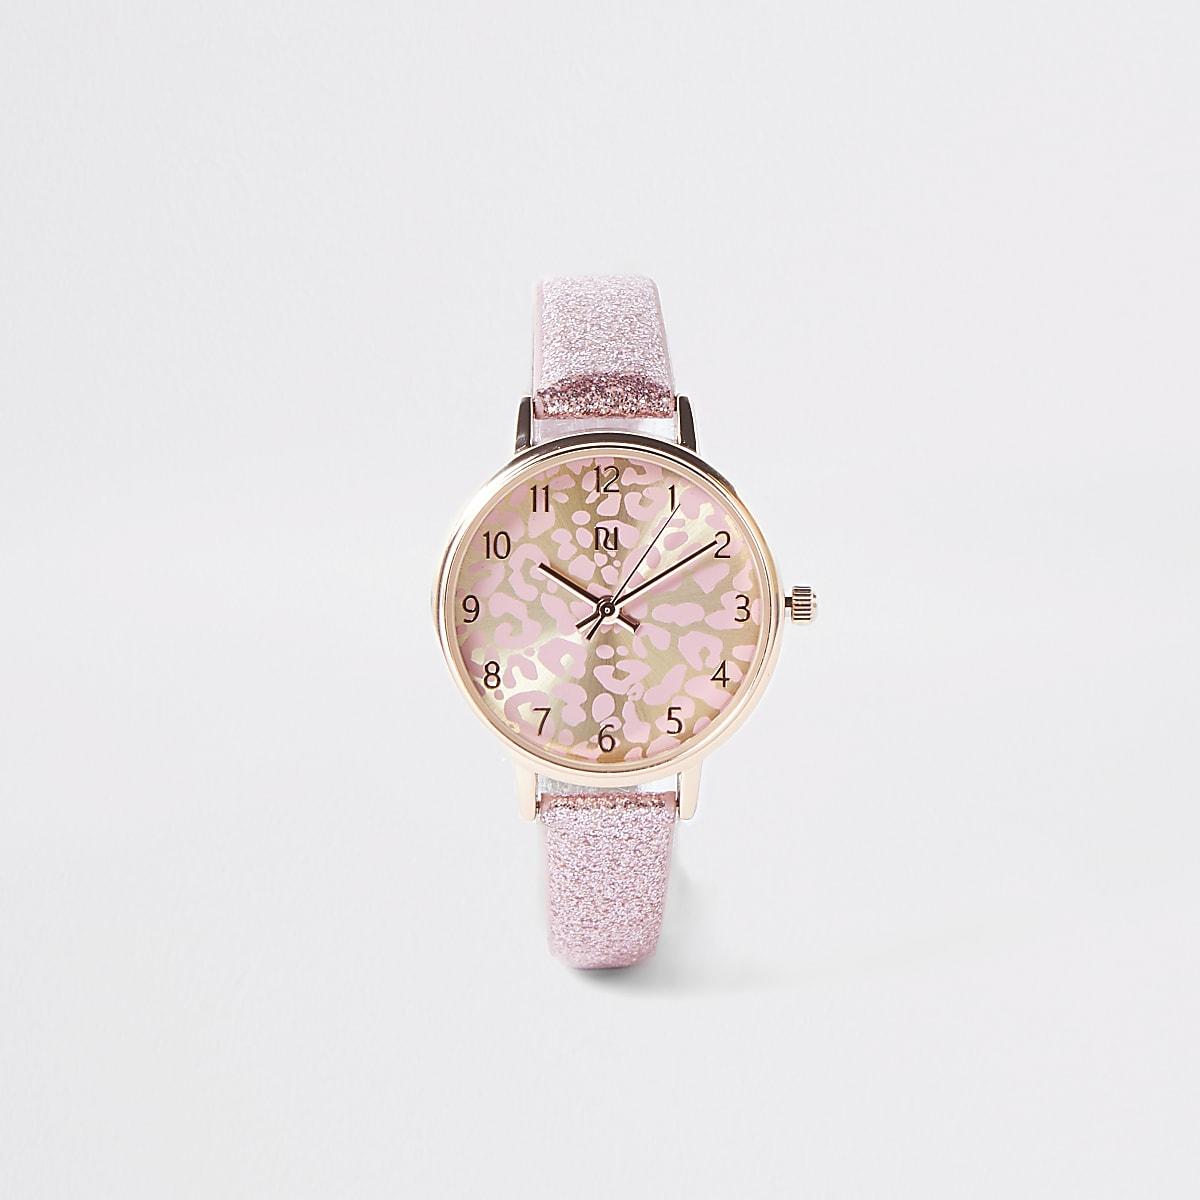 Roze horloge met wijzerplaat met luipaardprint en glitters voor meisjes